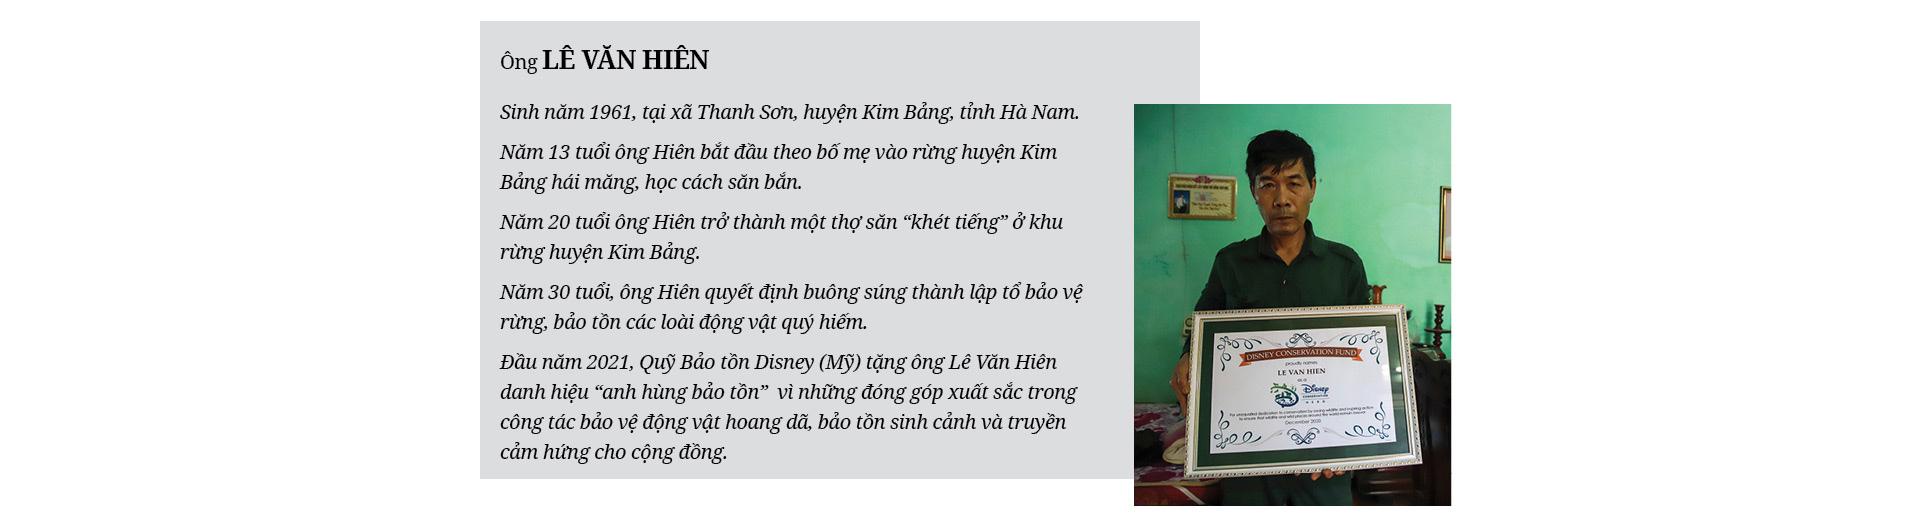 Dân Việt Trò Chuyện: Thợ săn buông súng chuộc lỗi với rừng già - Ảnh 12.